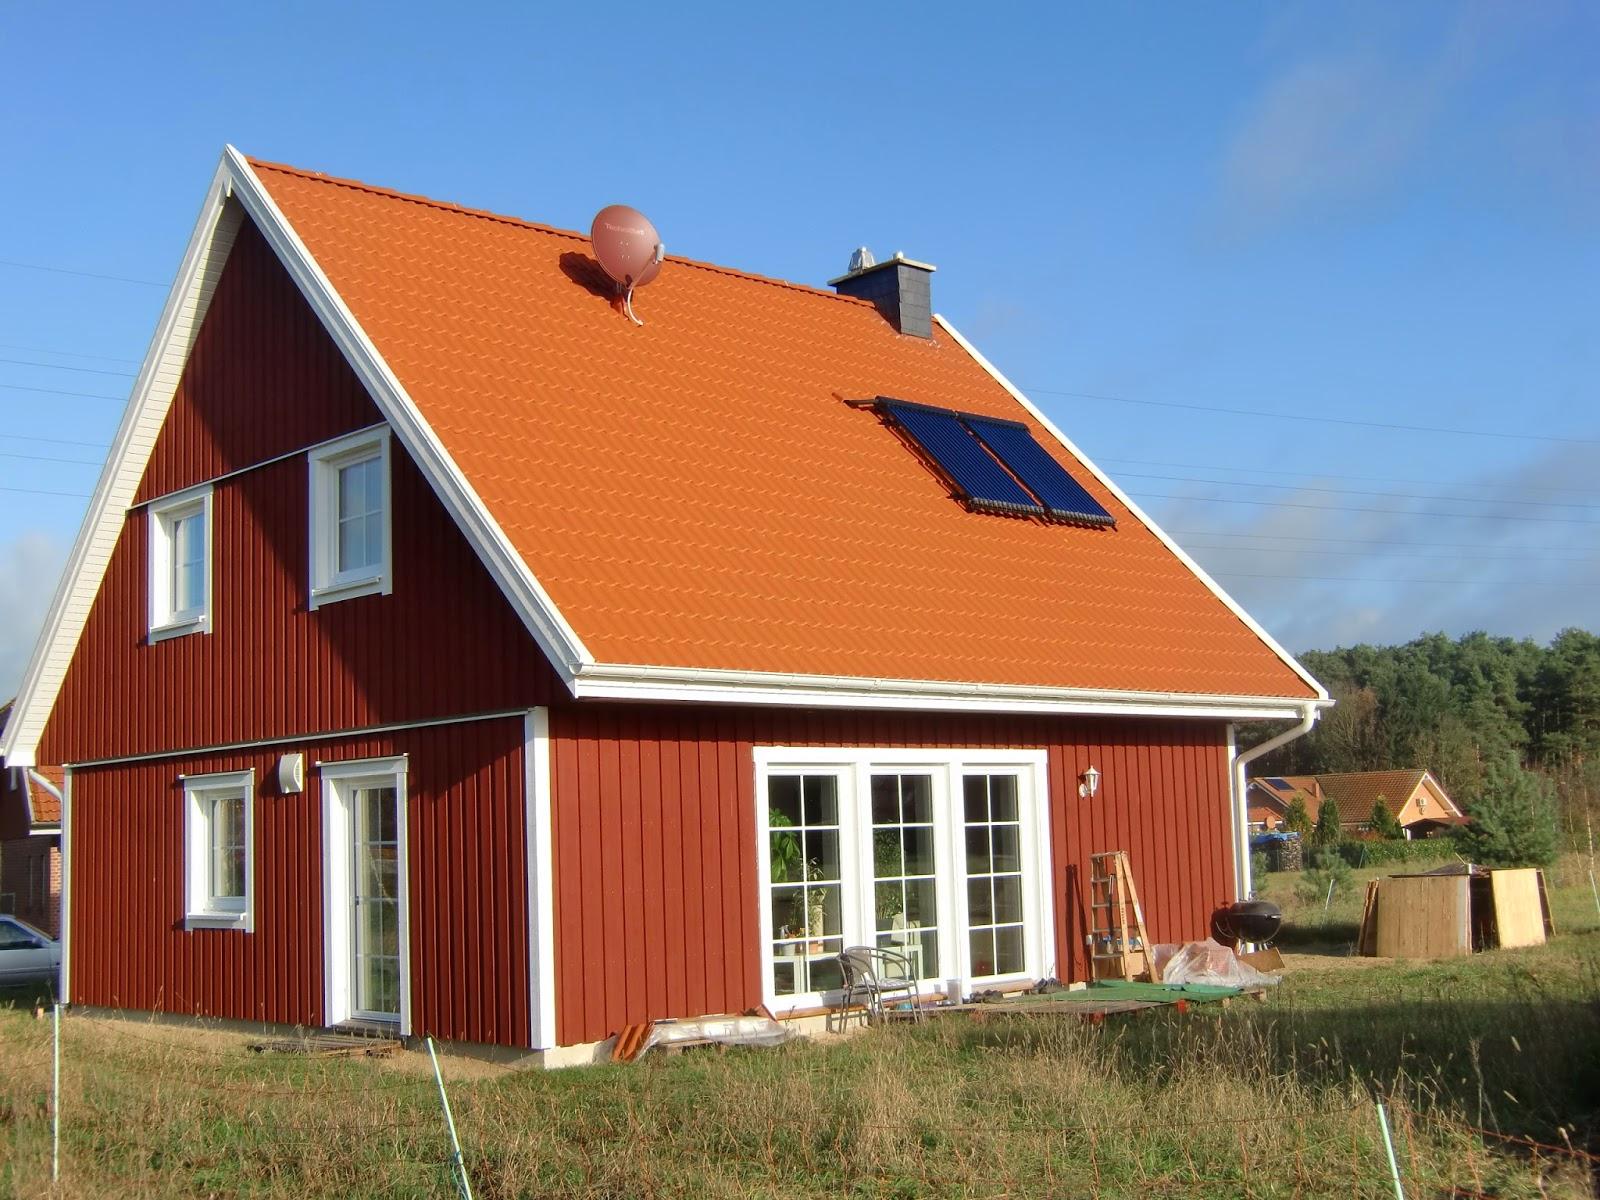 schwedenhaus in eickeloh unser haus von aussen. Black Bedroom Furniture Sets. Home Design Ideas